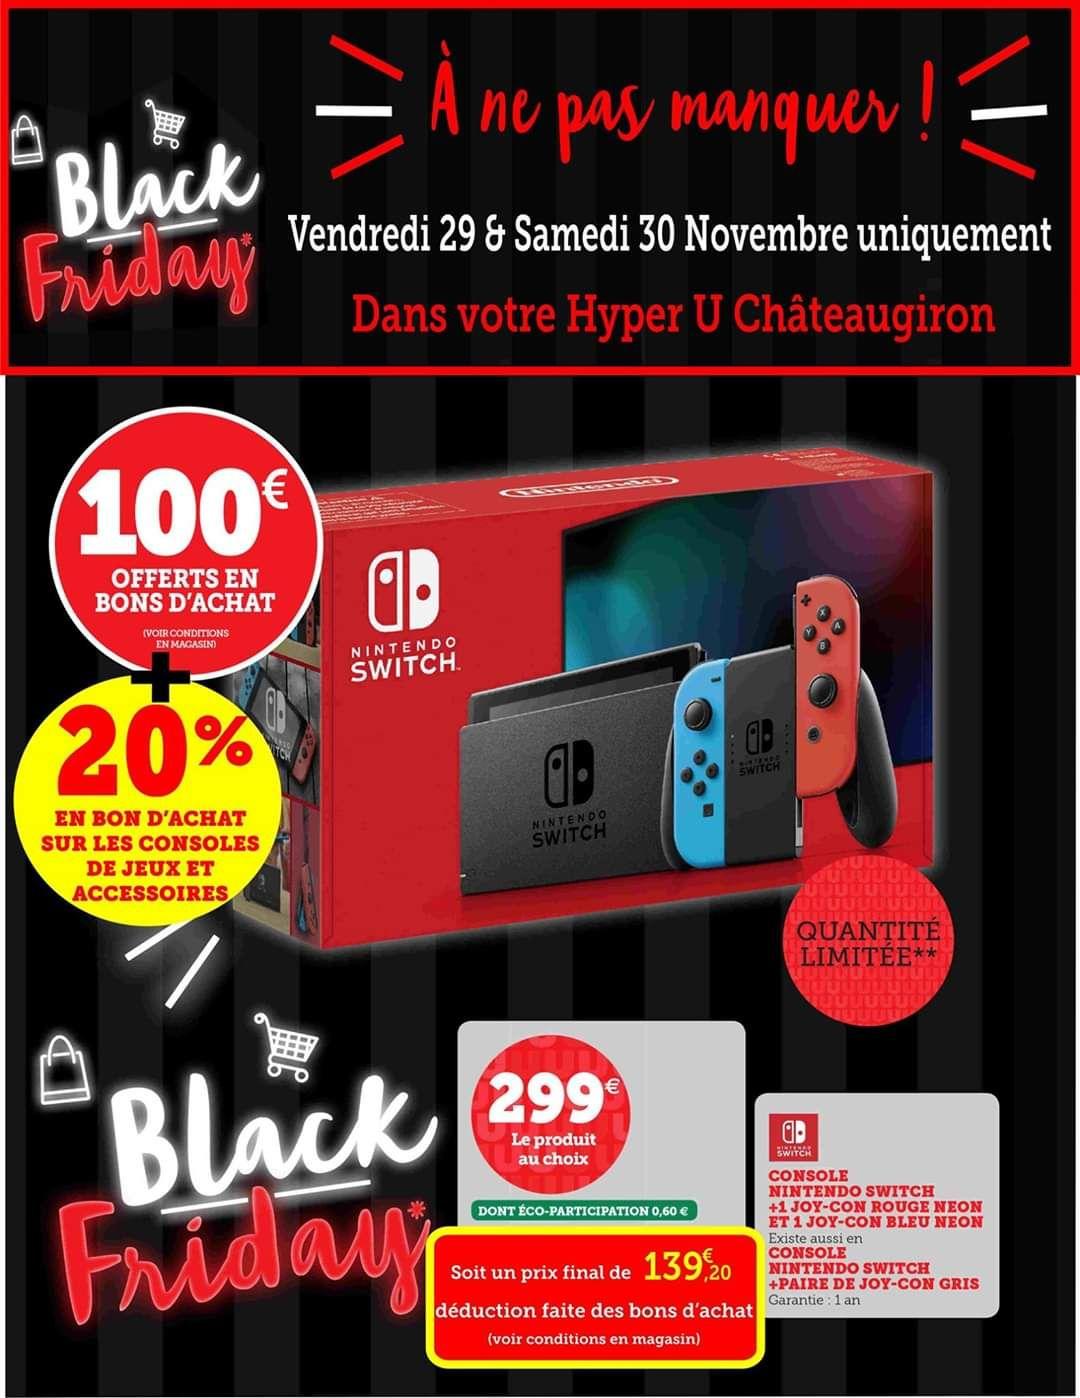 Console Nintendo Switch (2019) (via 159.8€ en bon d'achat) - Châteaugiron (35)